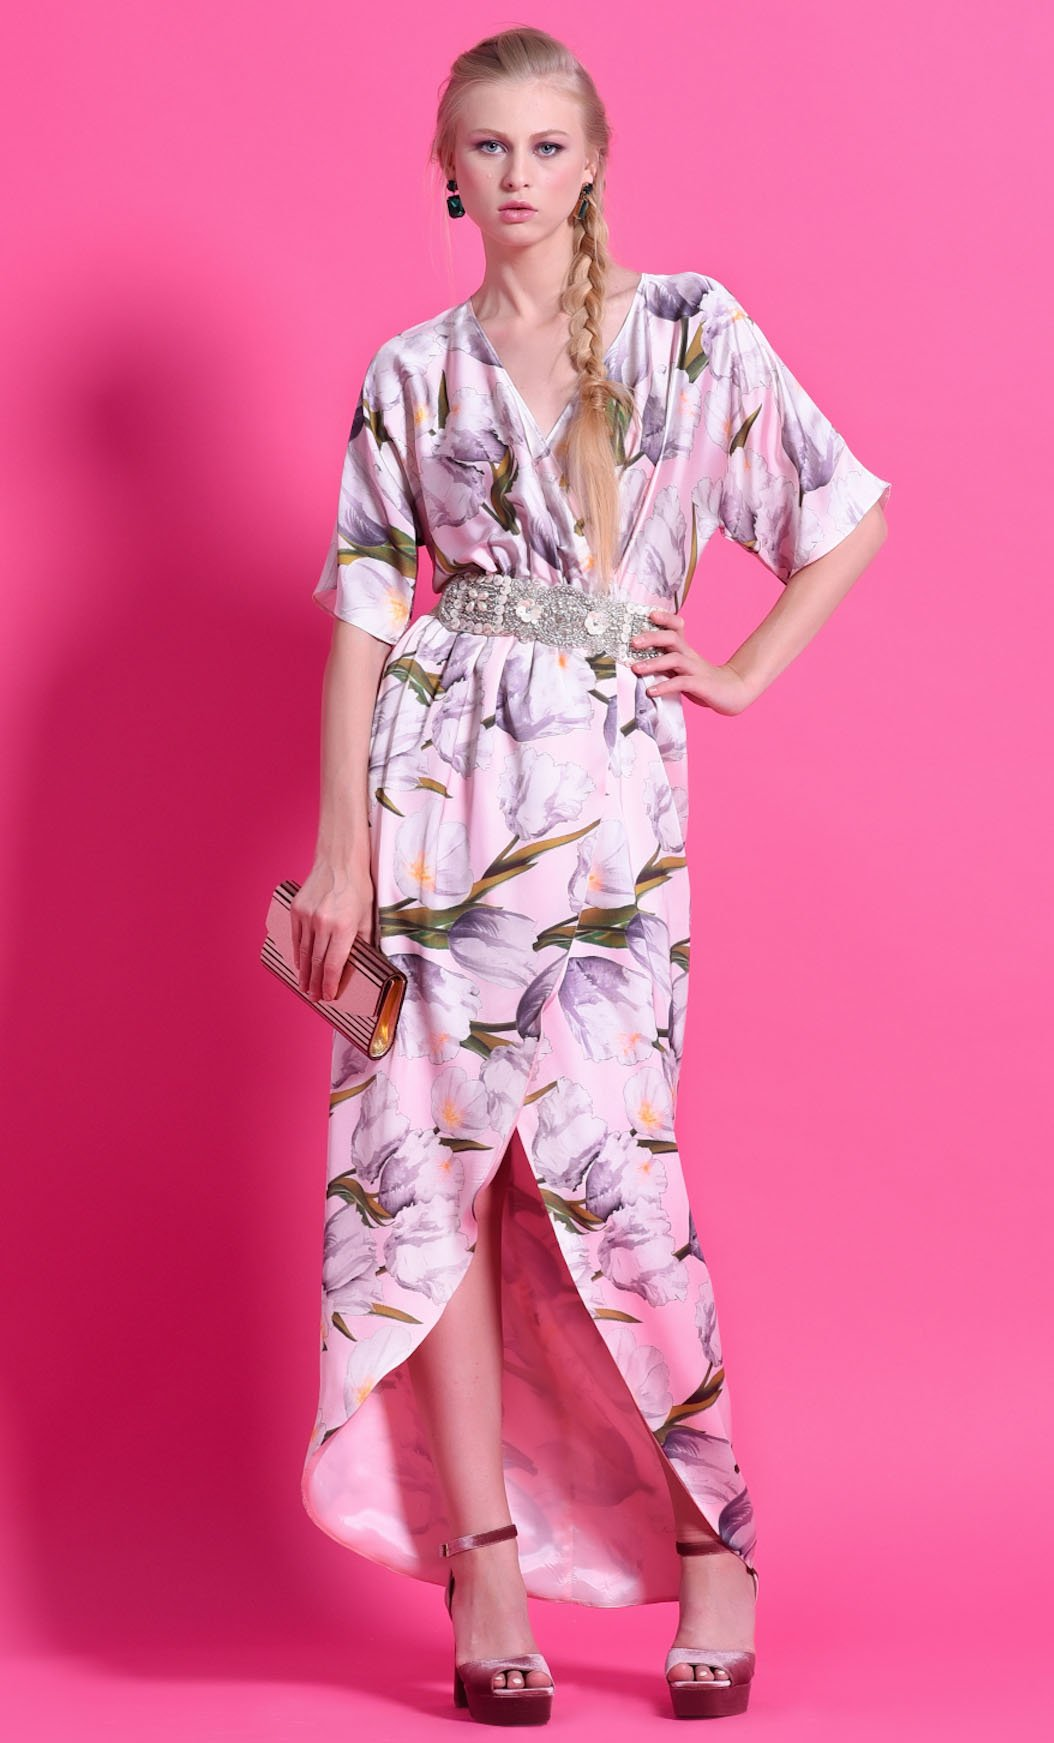 Vestido NB STYLE NURIBEL Estampado Floral Suave